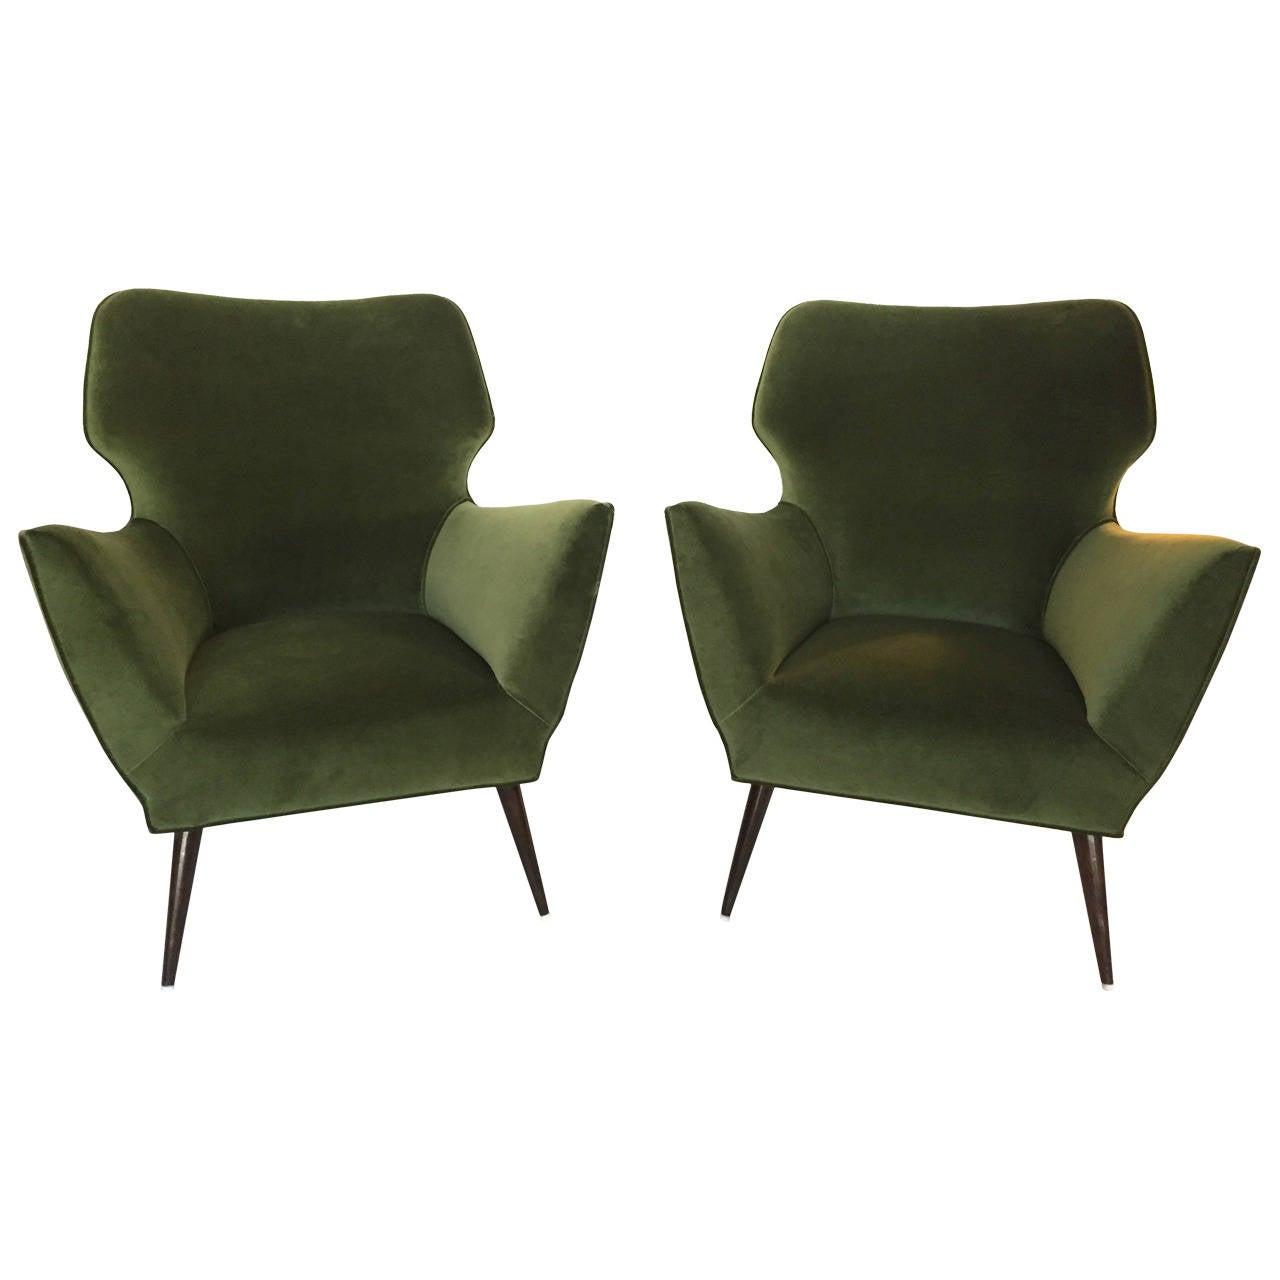 sculptural italian armchairs in quot rolex green quot velvet for